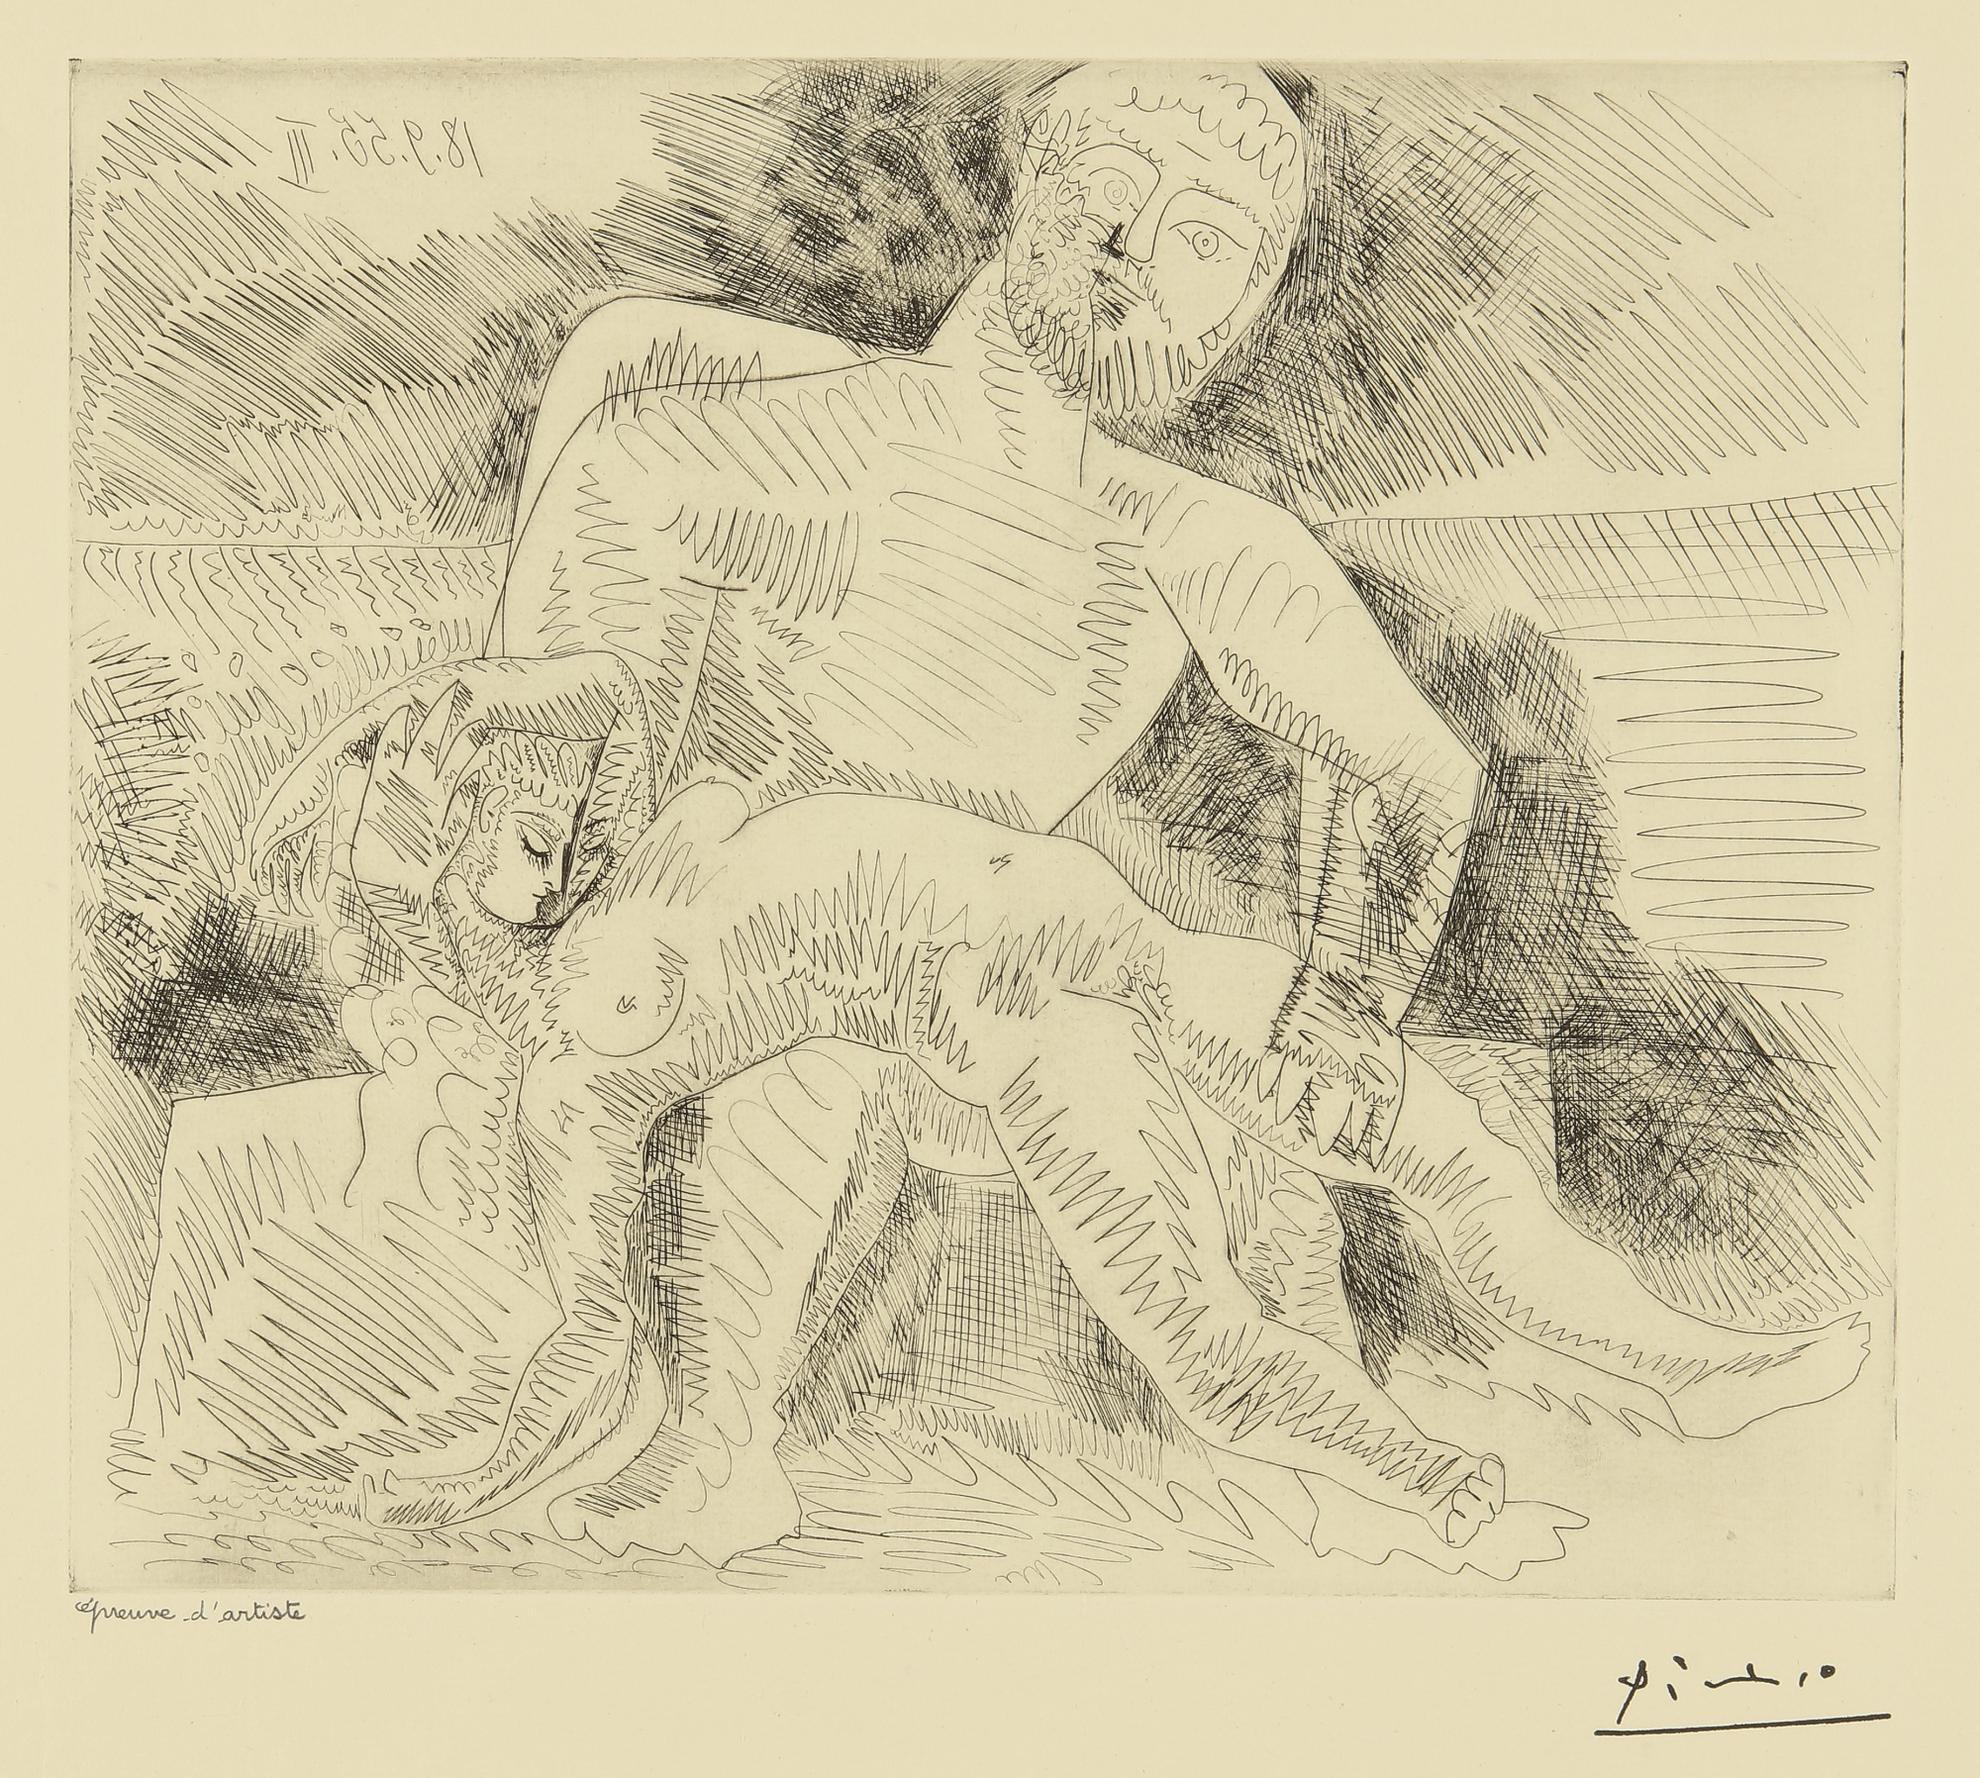 Pablo Picasso-Le Rapt (B. 775; Ba. 950)-1955